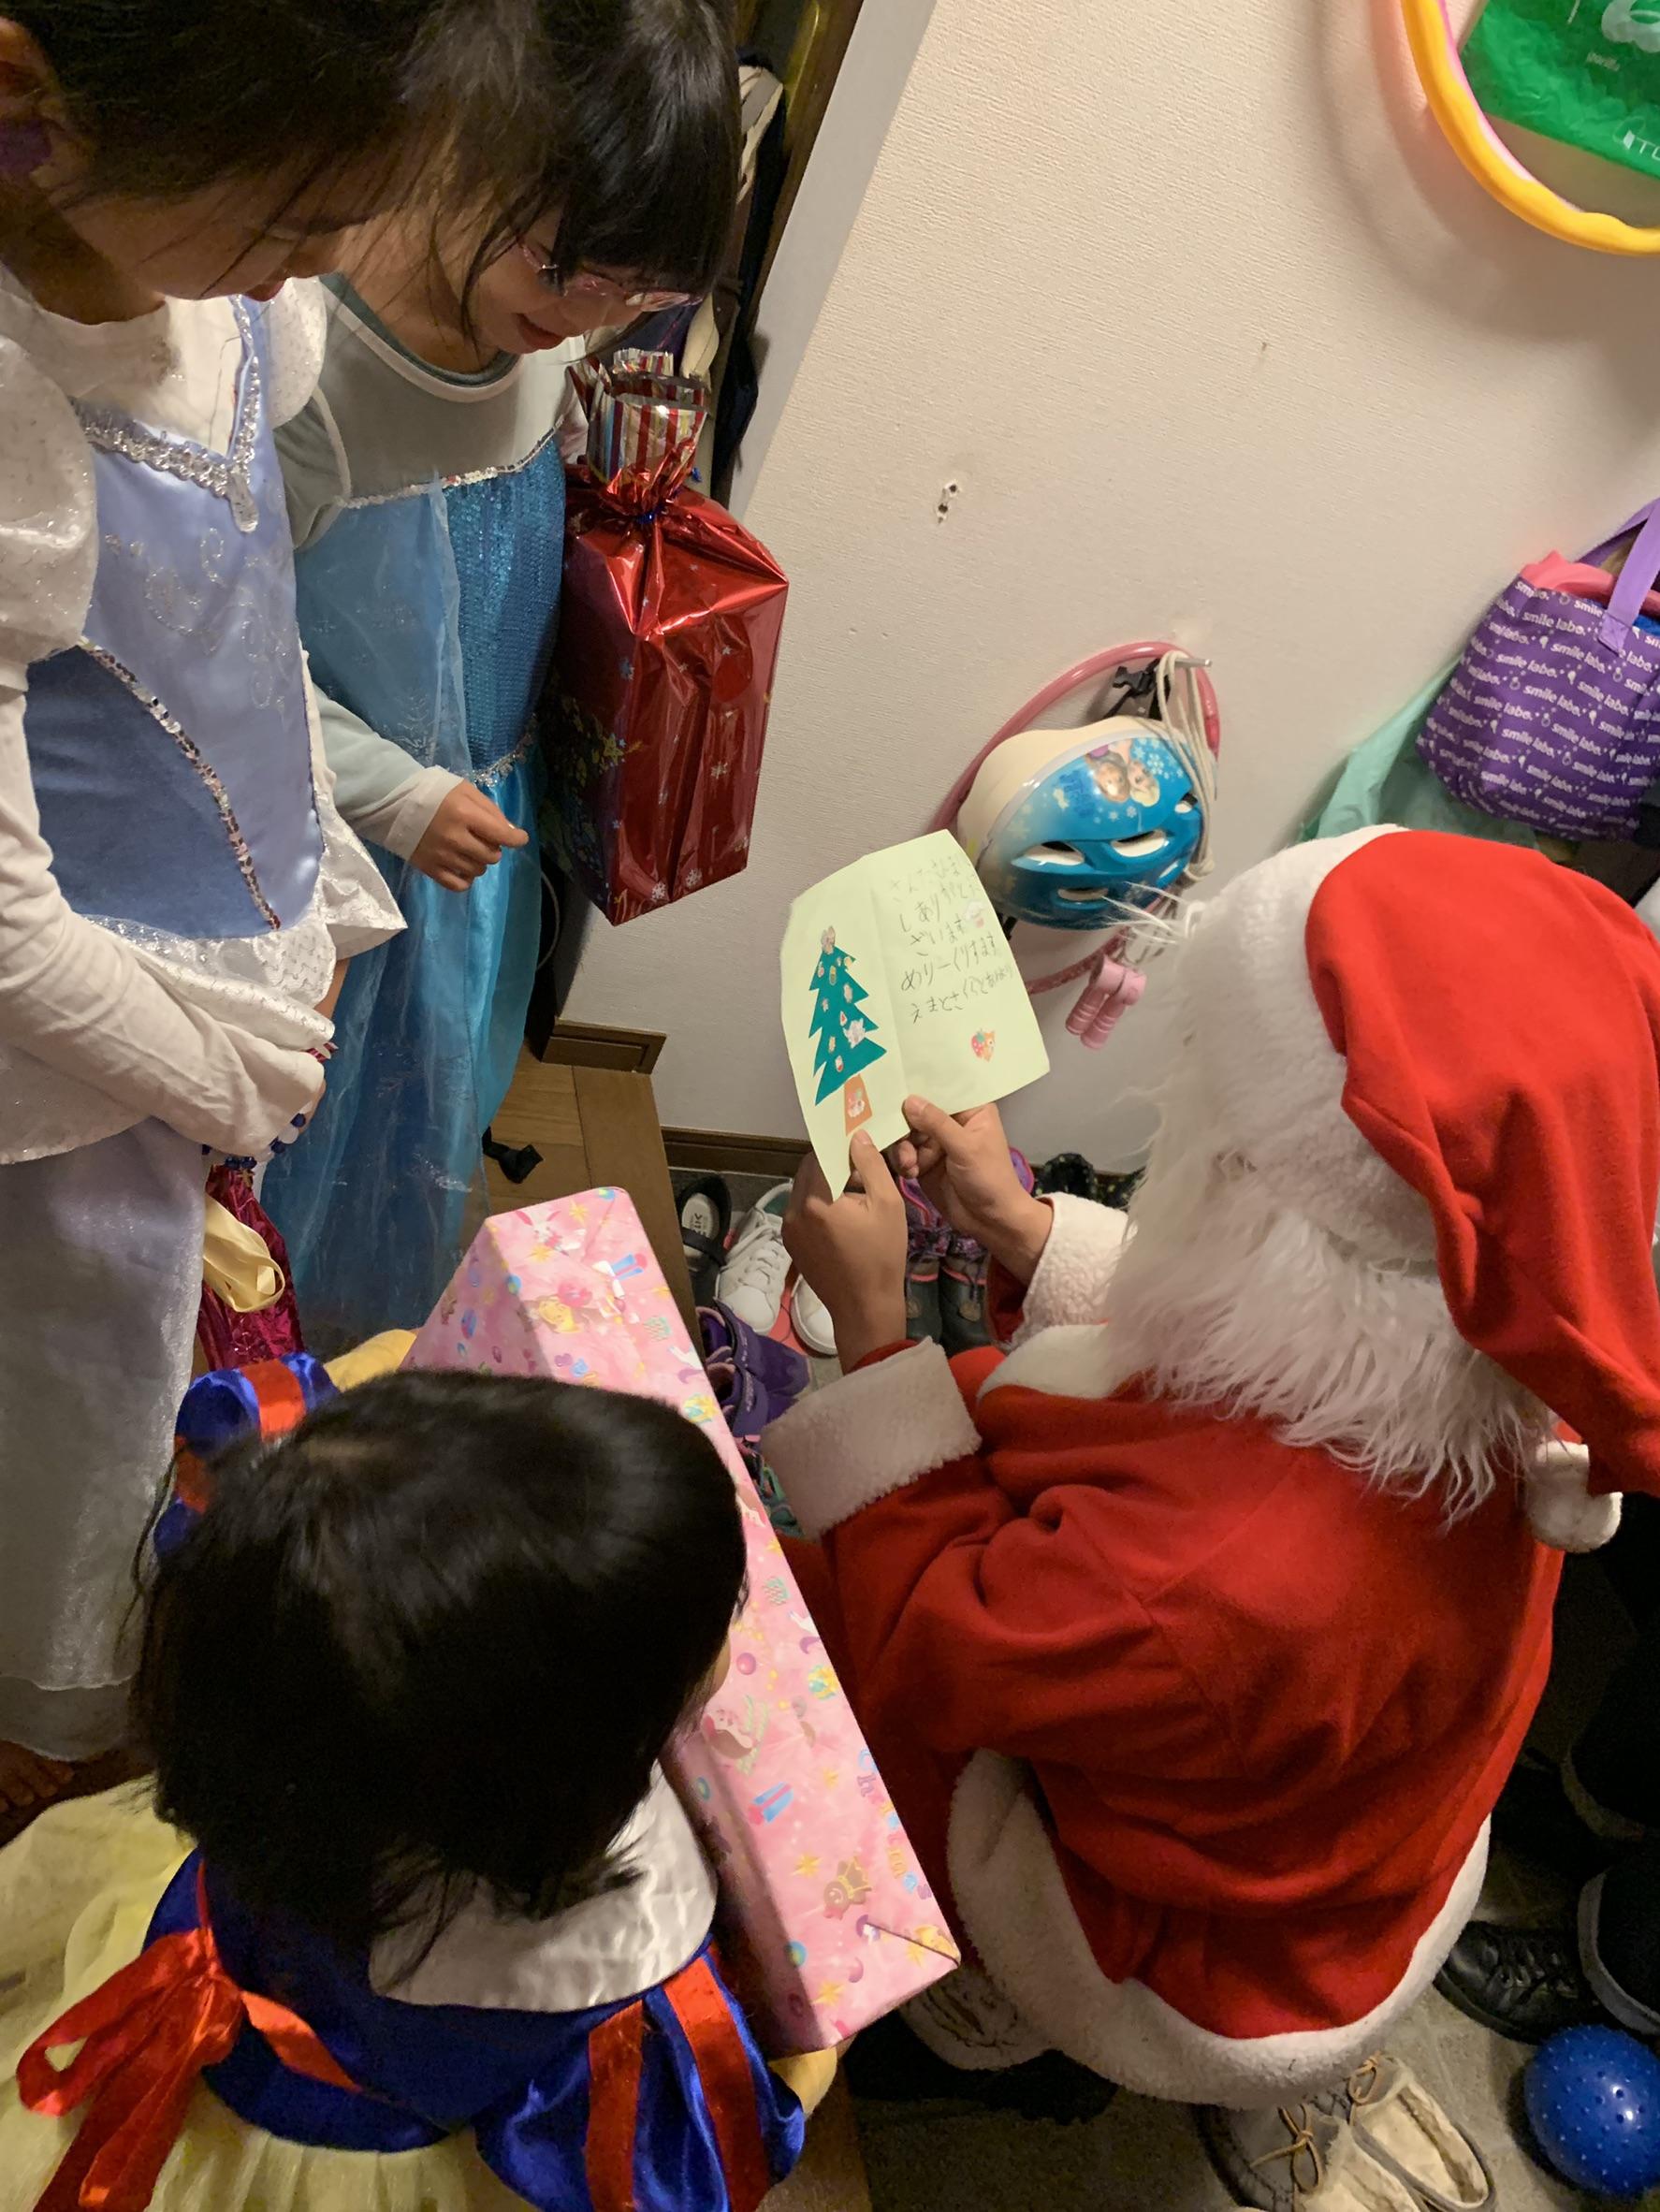 サンタさんとの約束は、子どもたちが未来へ向かう力